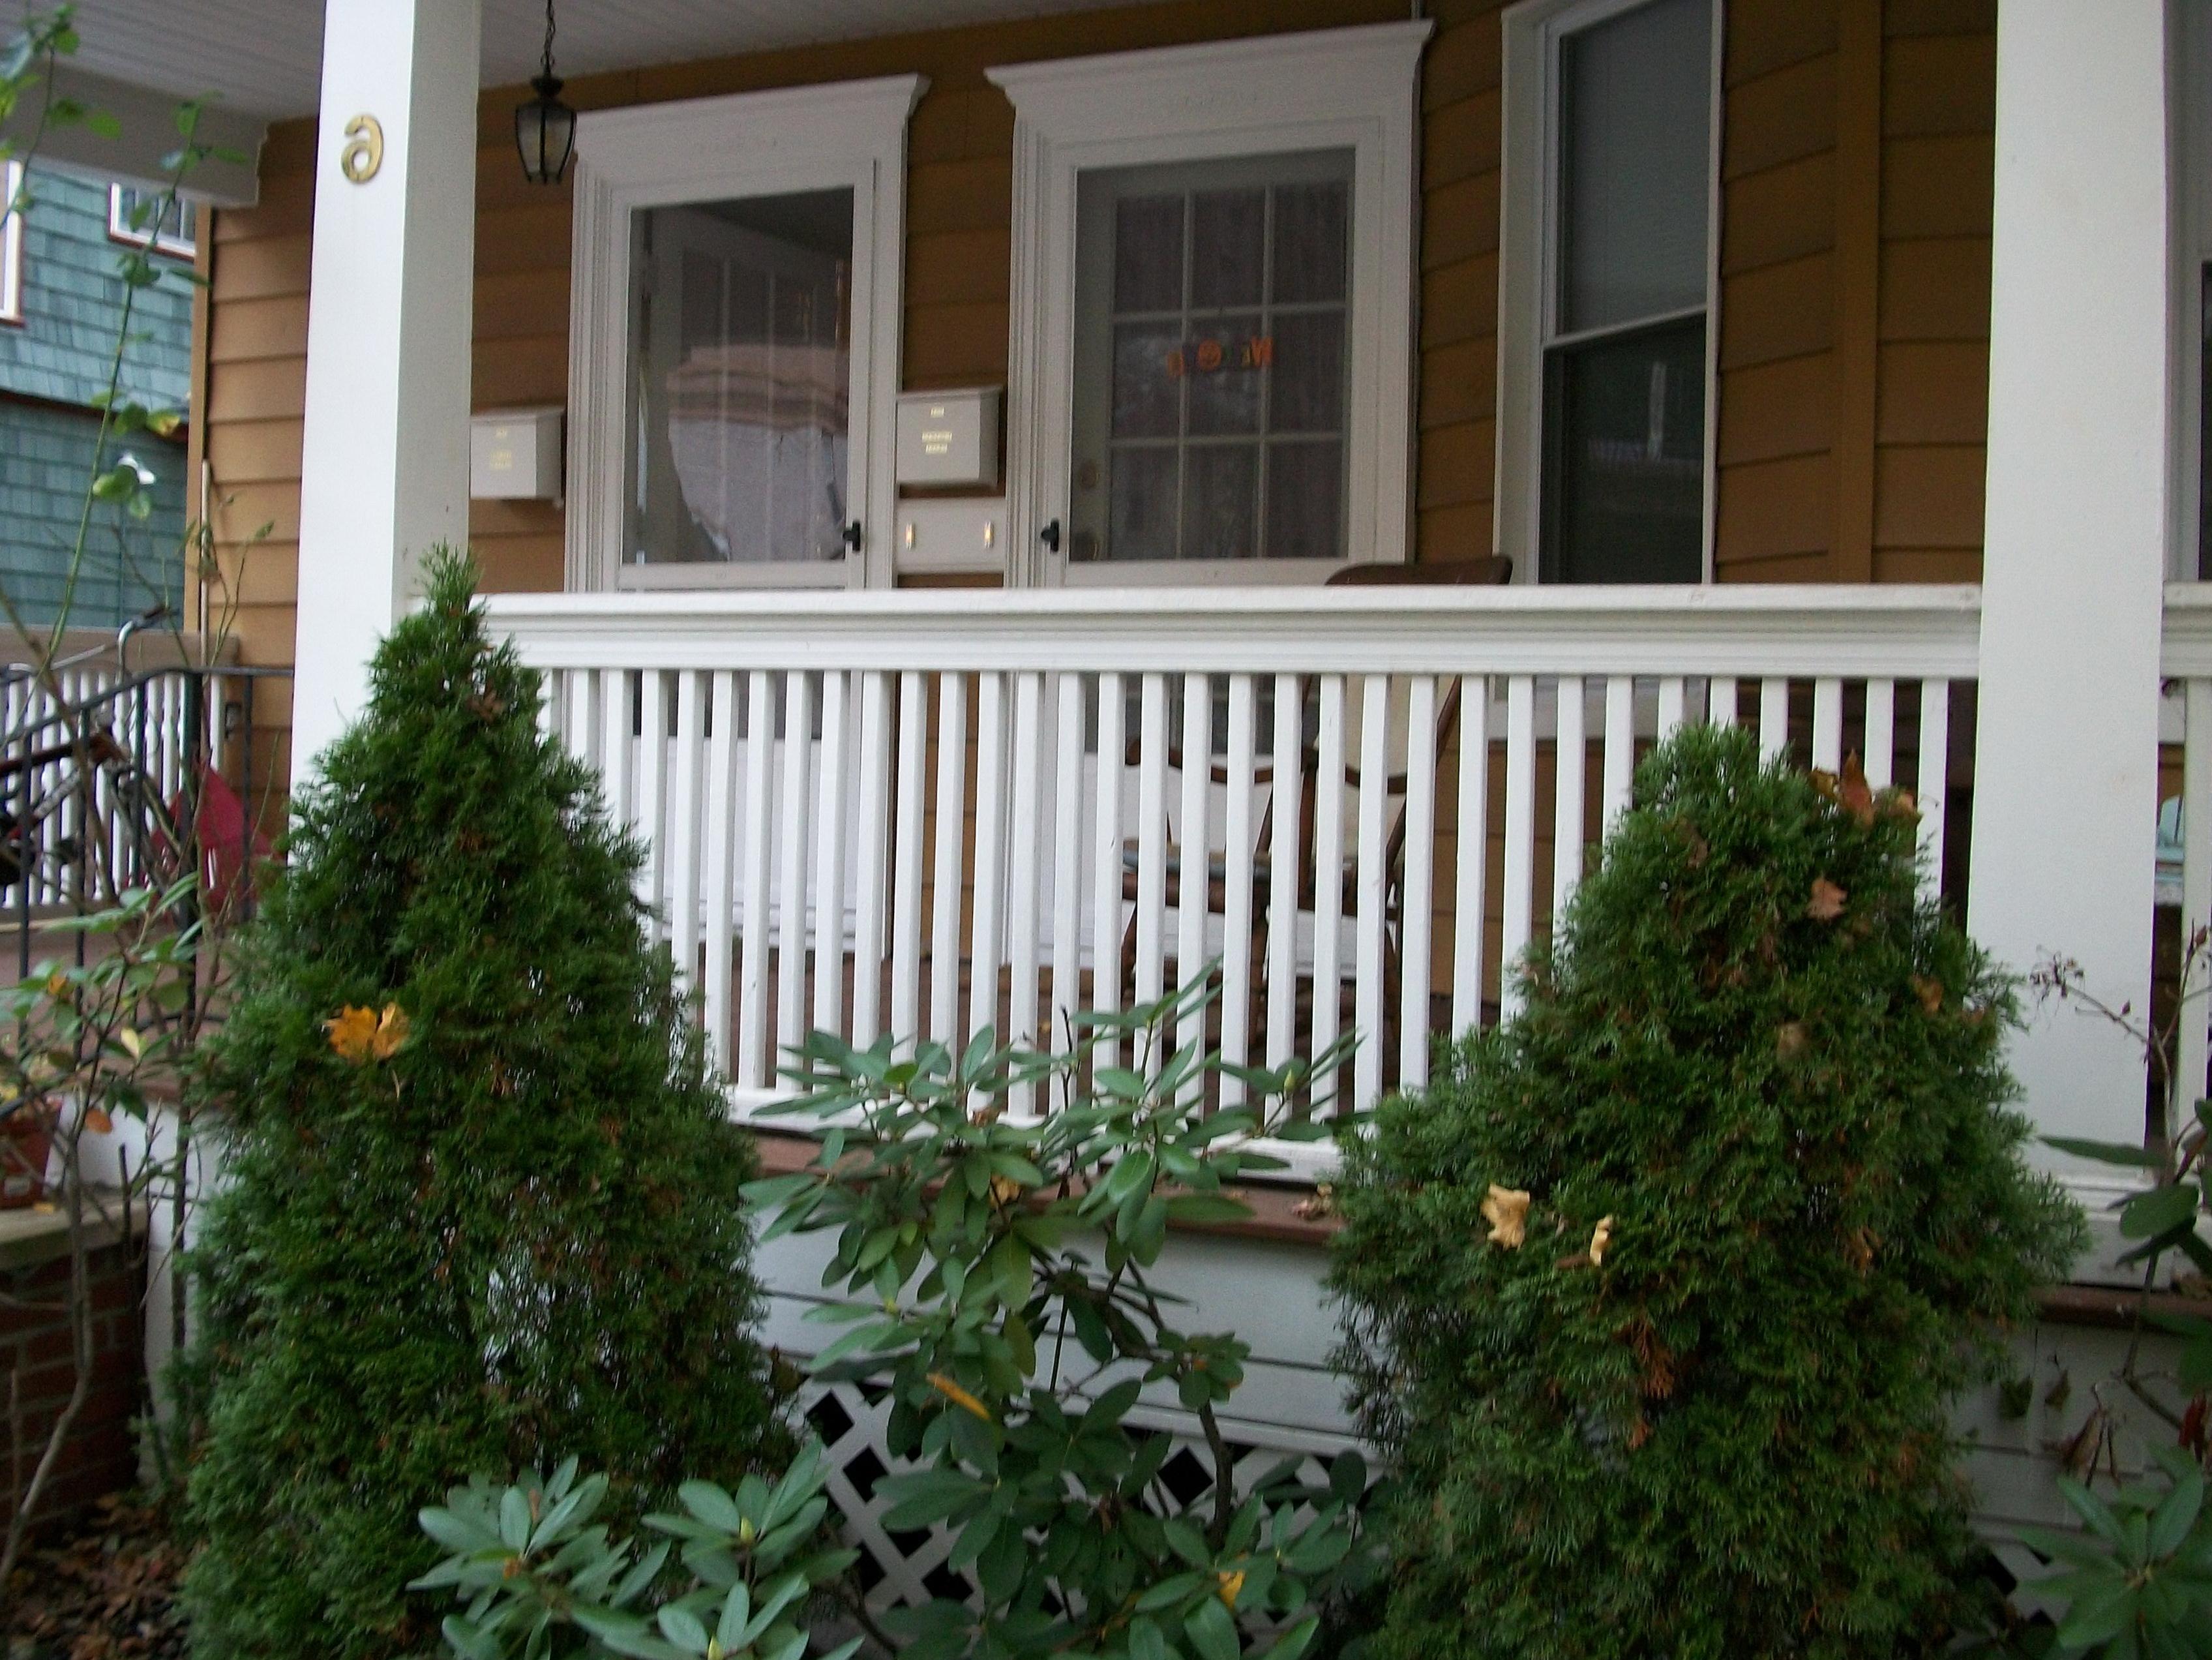 and bergendecks deck iron composite body railings maintenance low railing porch vinyl